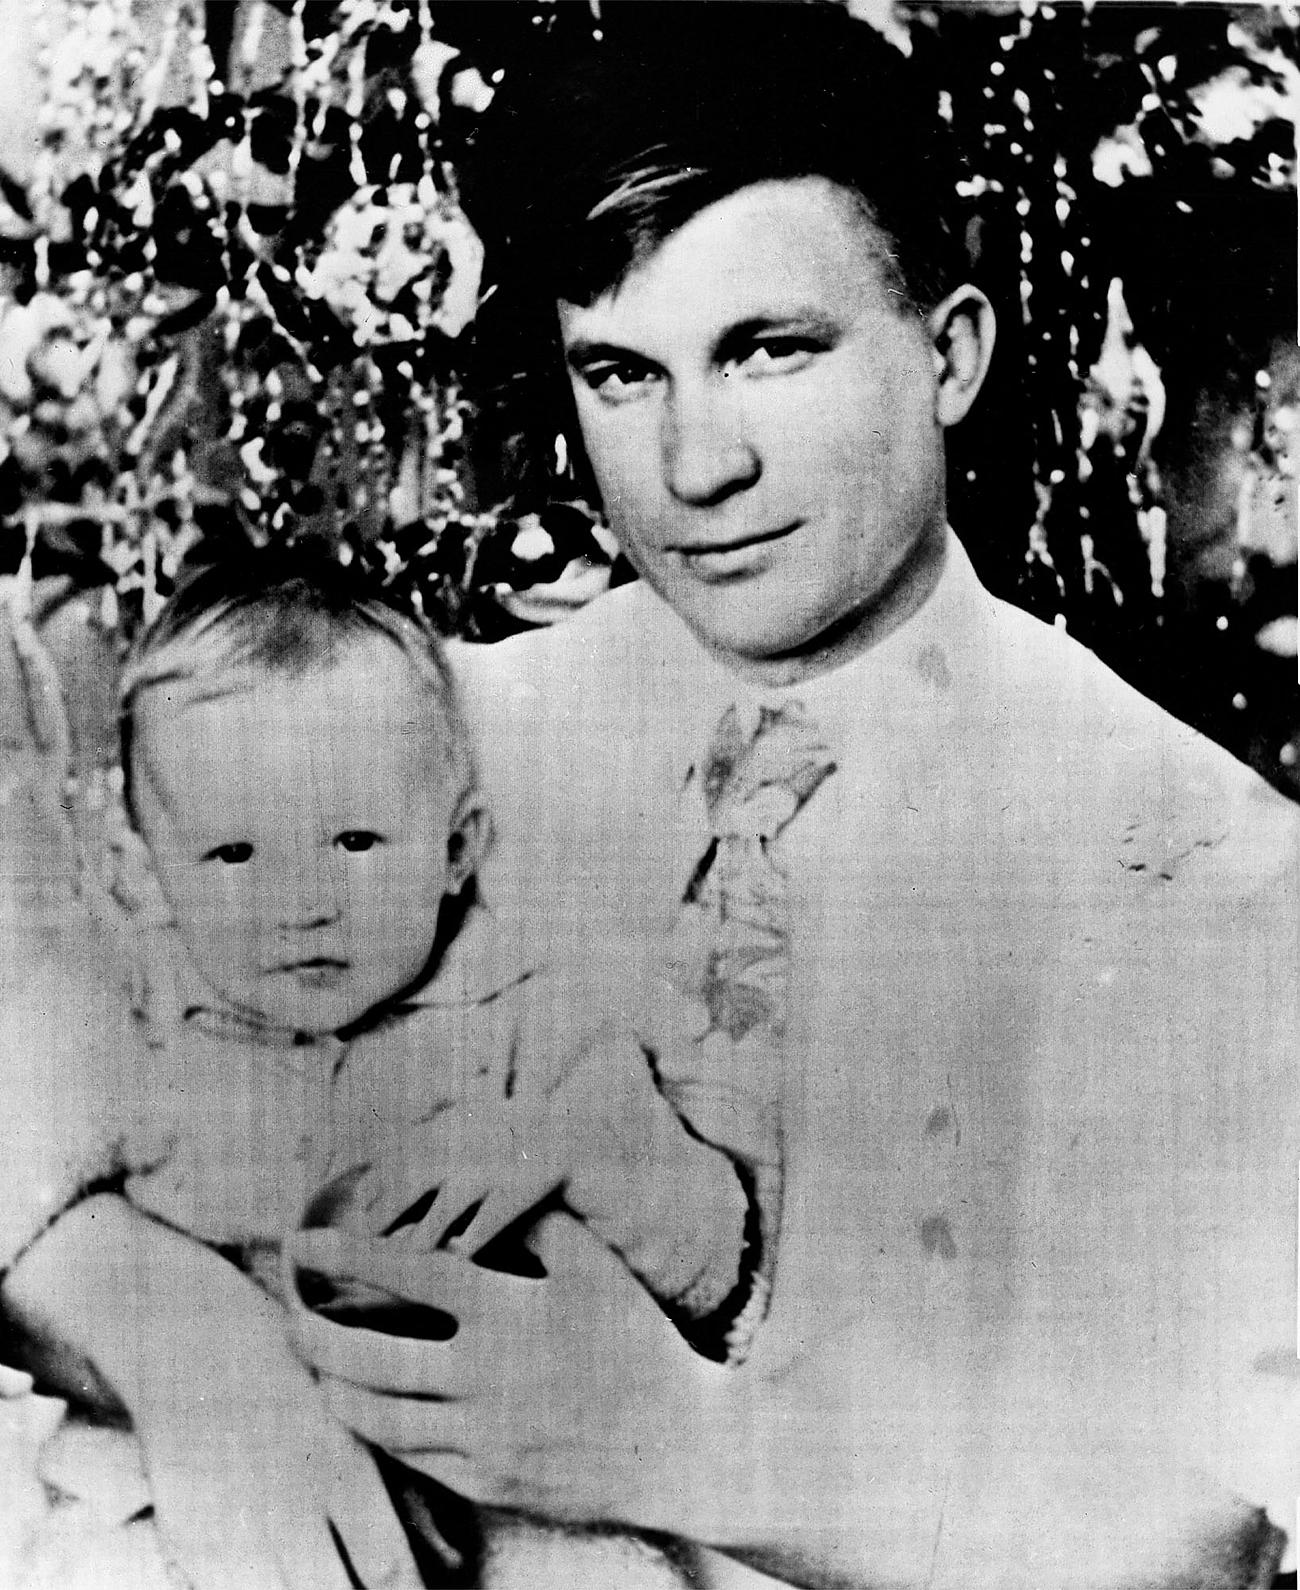 ヴィクトル・ベレンコと息子=AP撮影